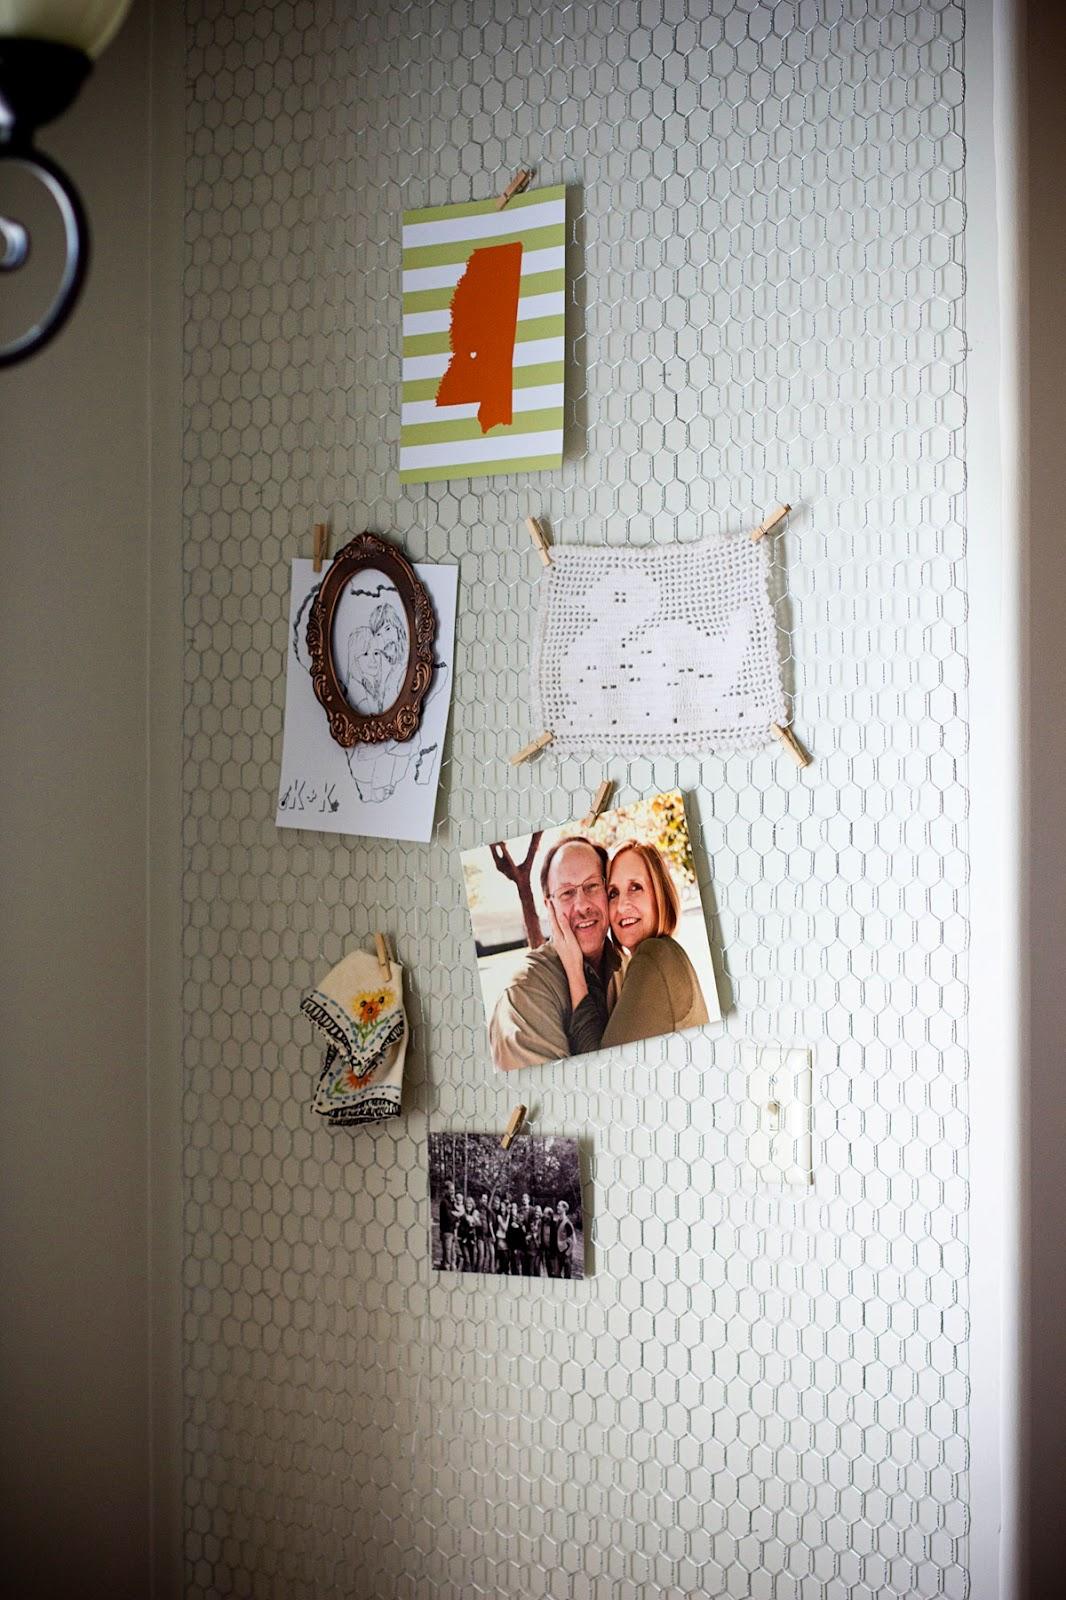 thekublerhomestead: DIY Chicken Wire Wall